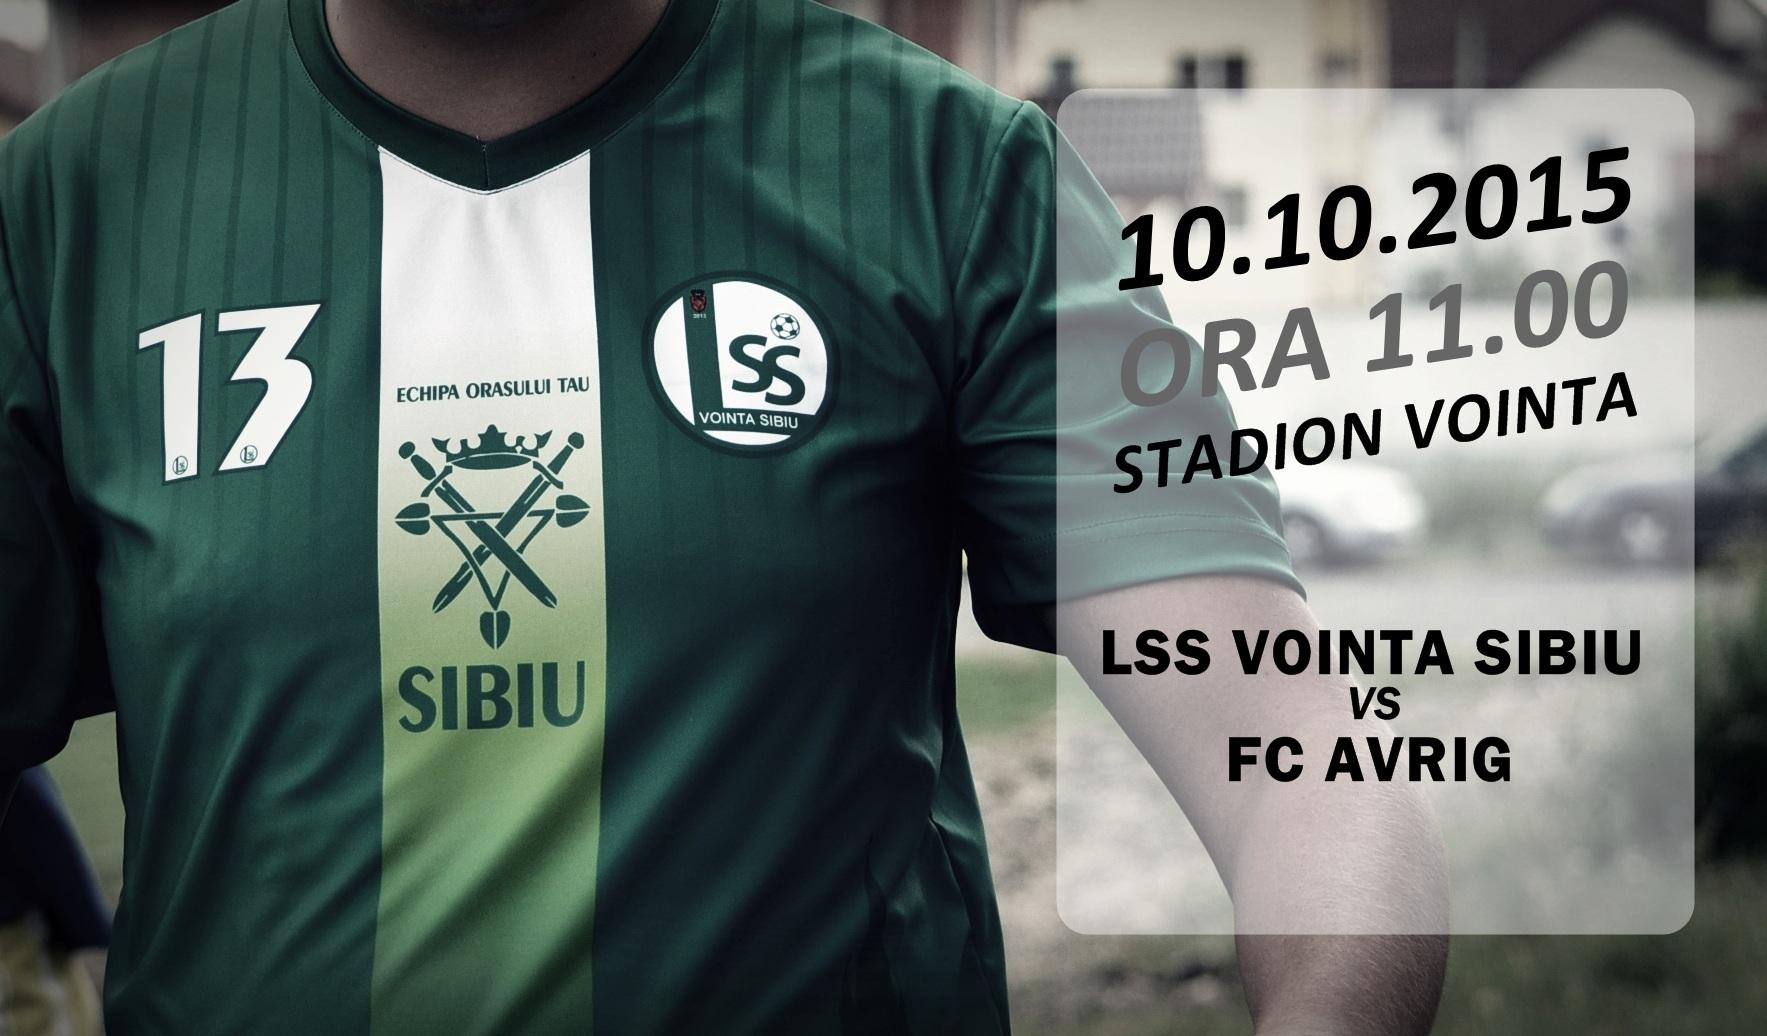 LSS Voinţa Sibiu - FC Avrig